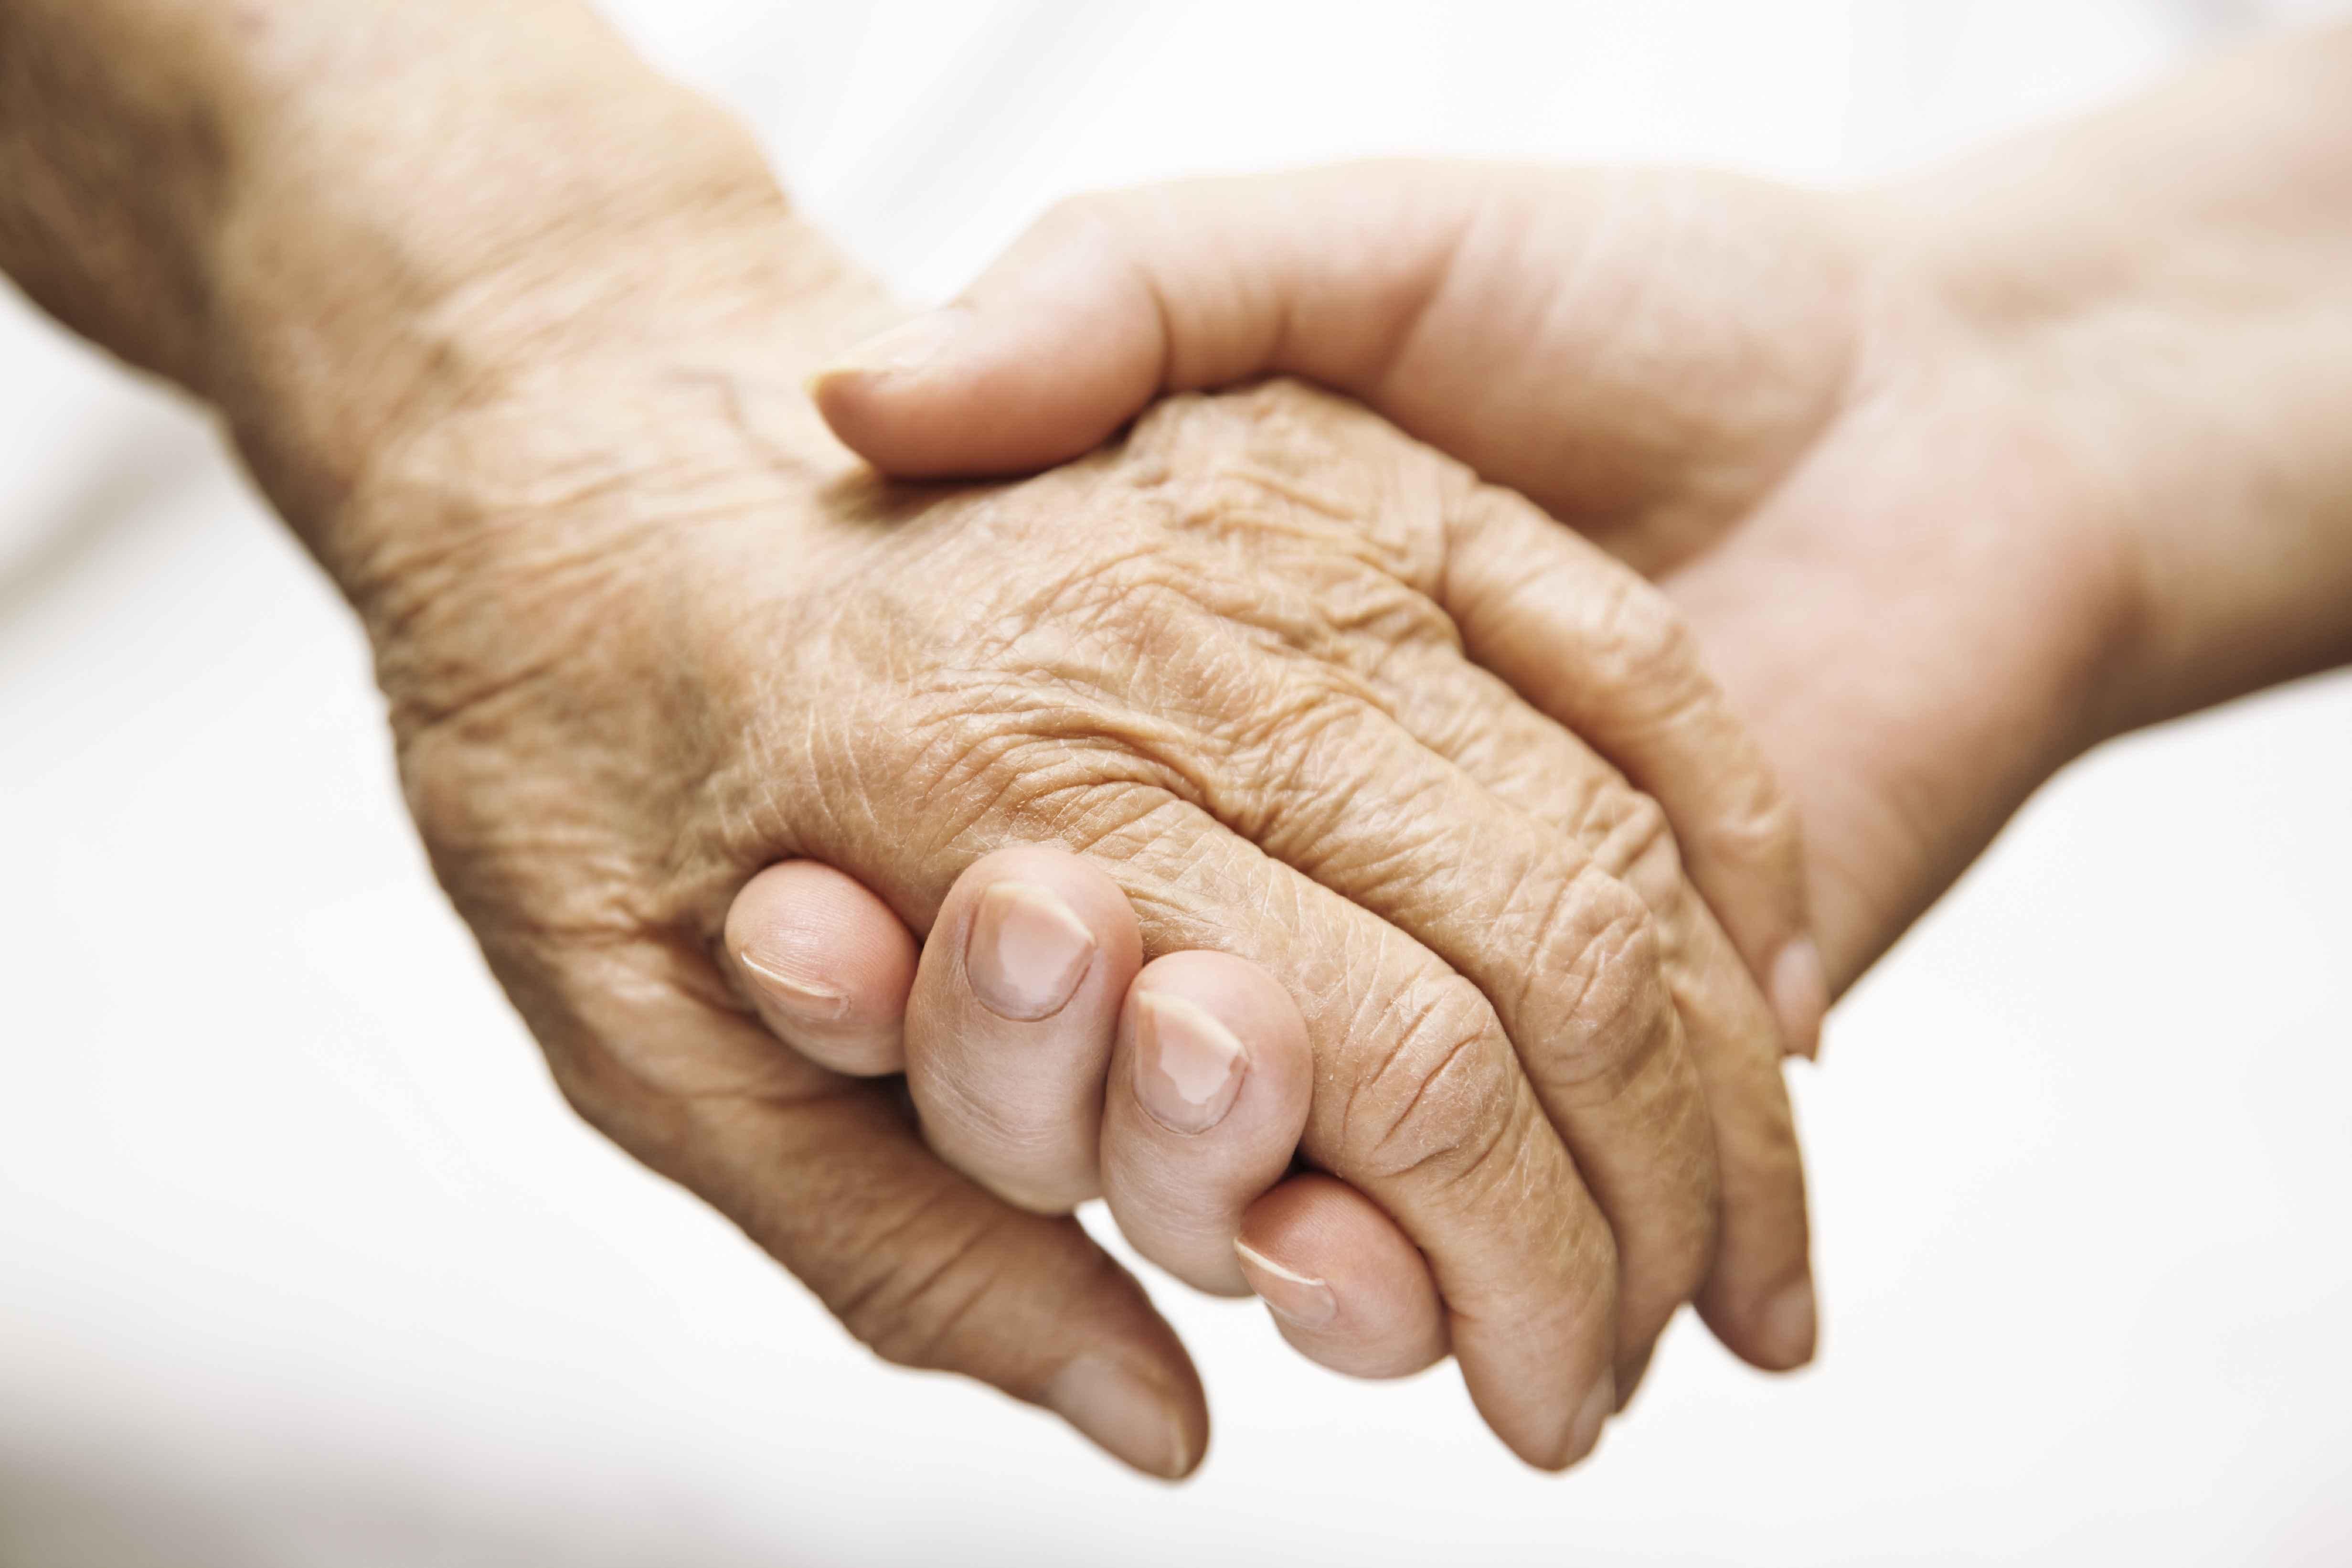 news-extra-care-hands